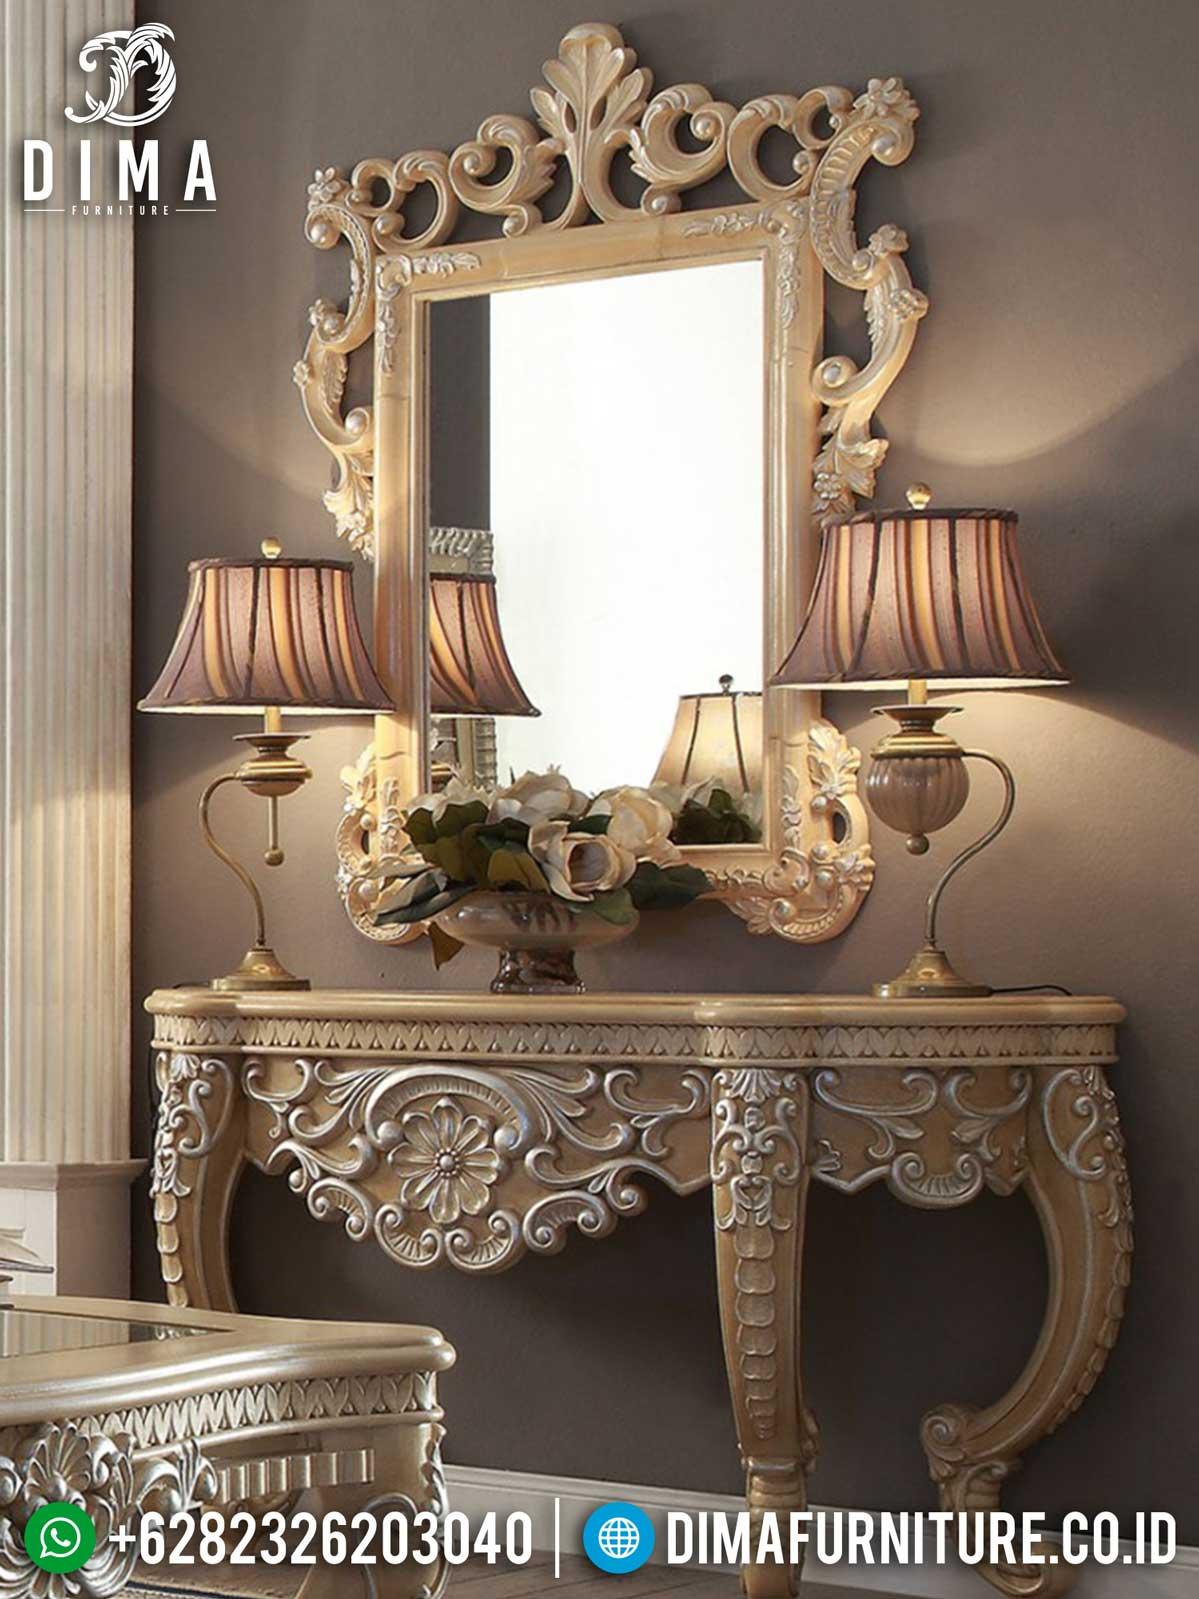 Harga Meja Konsul Mewah Luxury Carving New Year Edisi Natal ST-0950